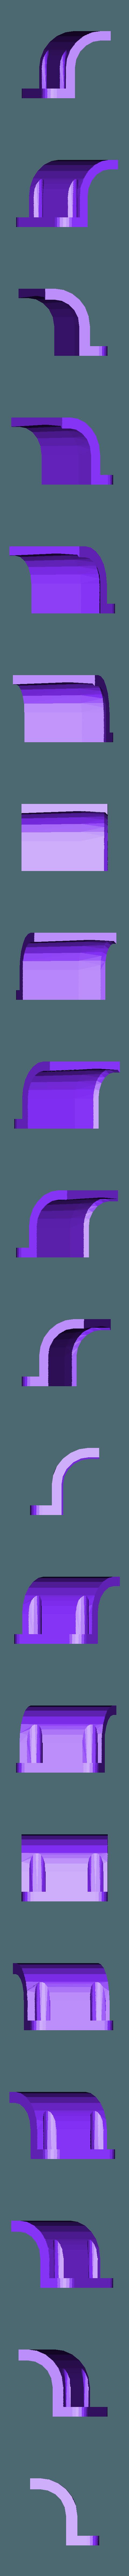 xtion_clip_right.stl Download free STL file Xtended Asus Xtion mount for TurtleBot • 3D printer model, Obenottr3D